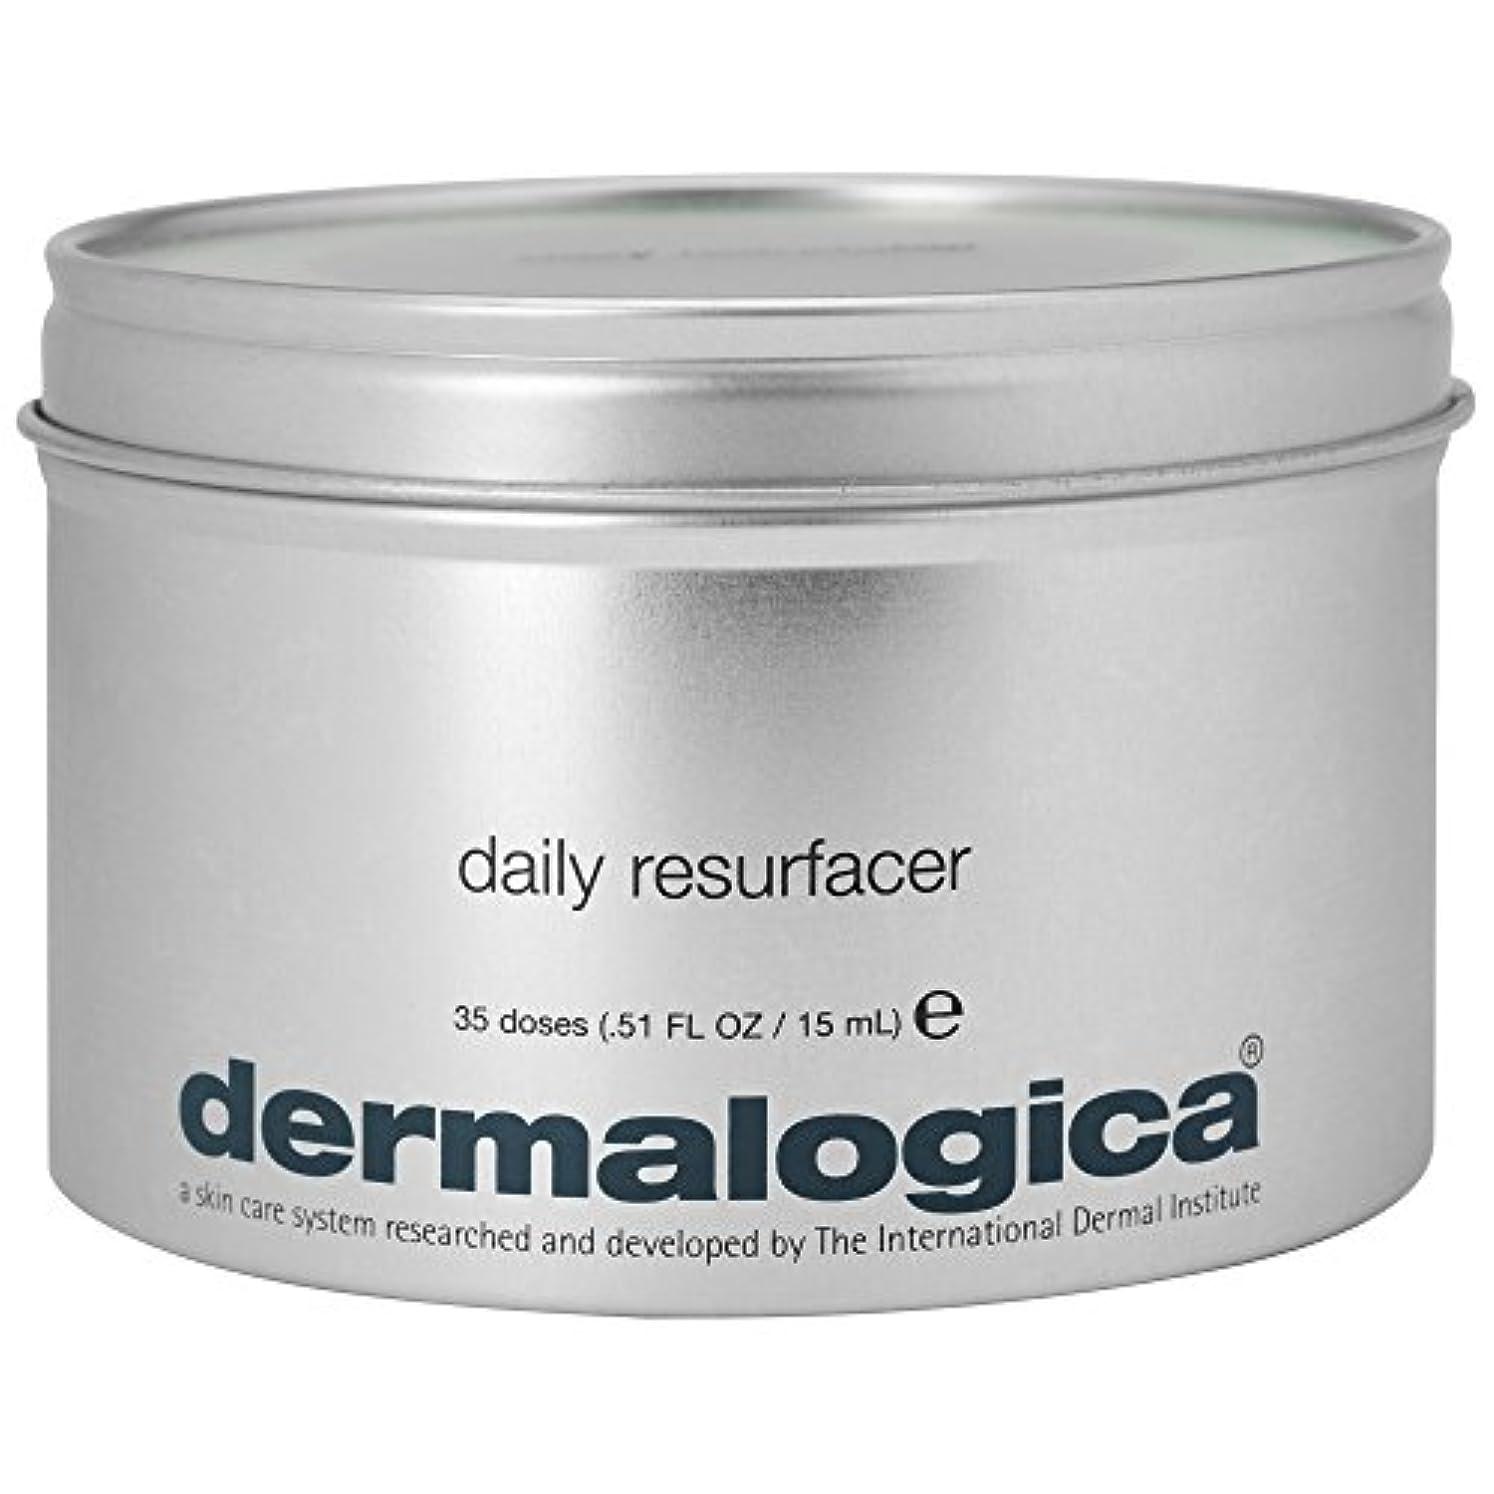 スケート名声ながら35のダーマロジカ毎日Resurfacerパック (Dermalogica) (x2) - Dermalogica Daily Resurfacer Pack of 35 (Pack of 2) [並行輸入品]